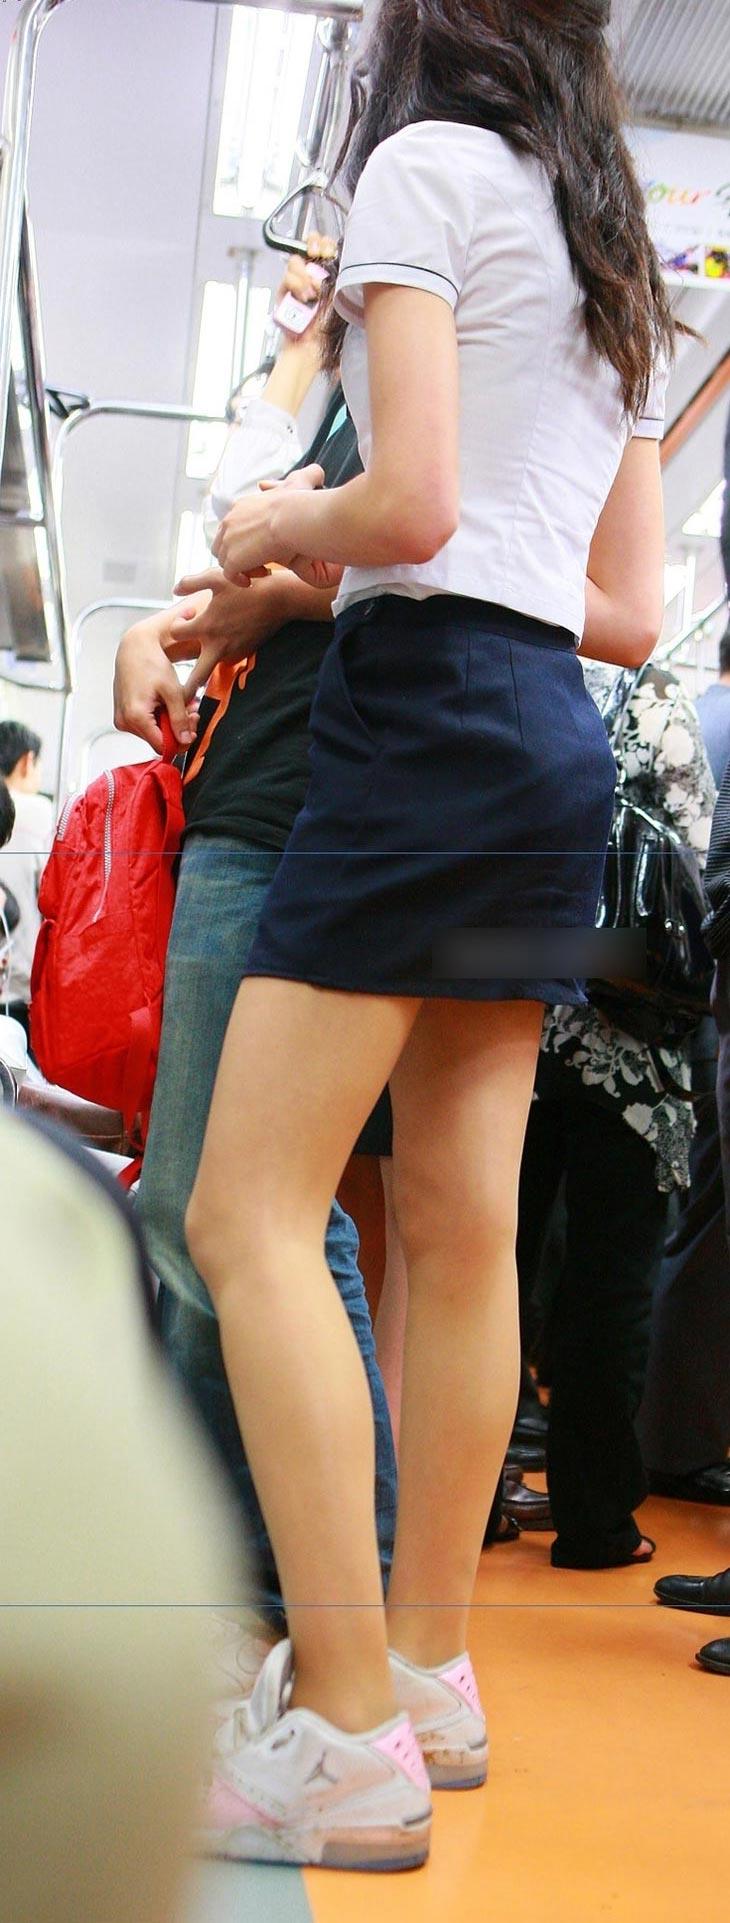 タイトミニの制服がぐうシコすぎる韓国JKがエロ目線でしか見れない件。(画像あり)・6枚目